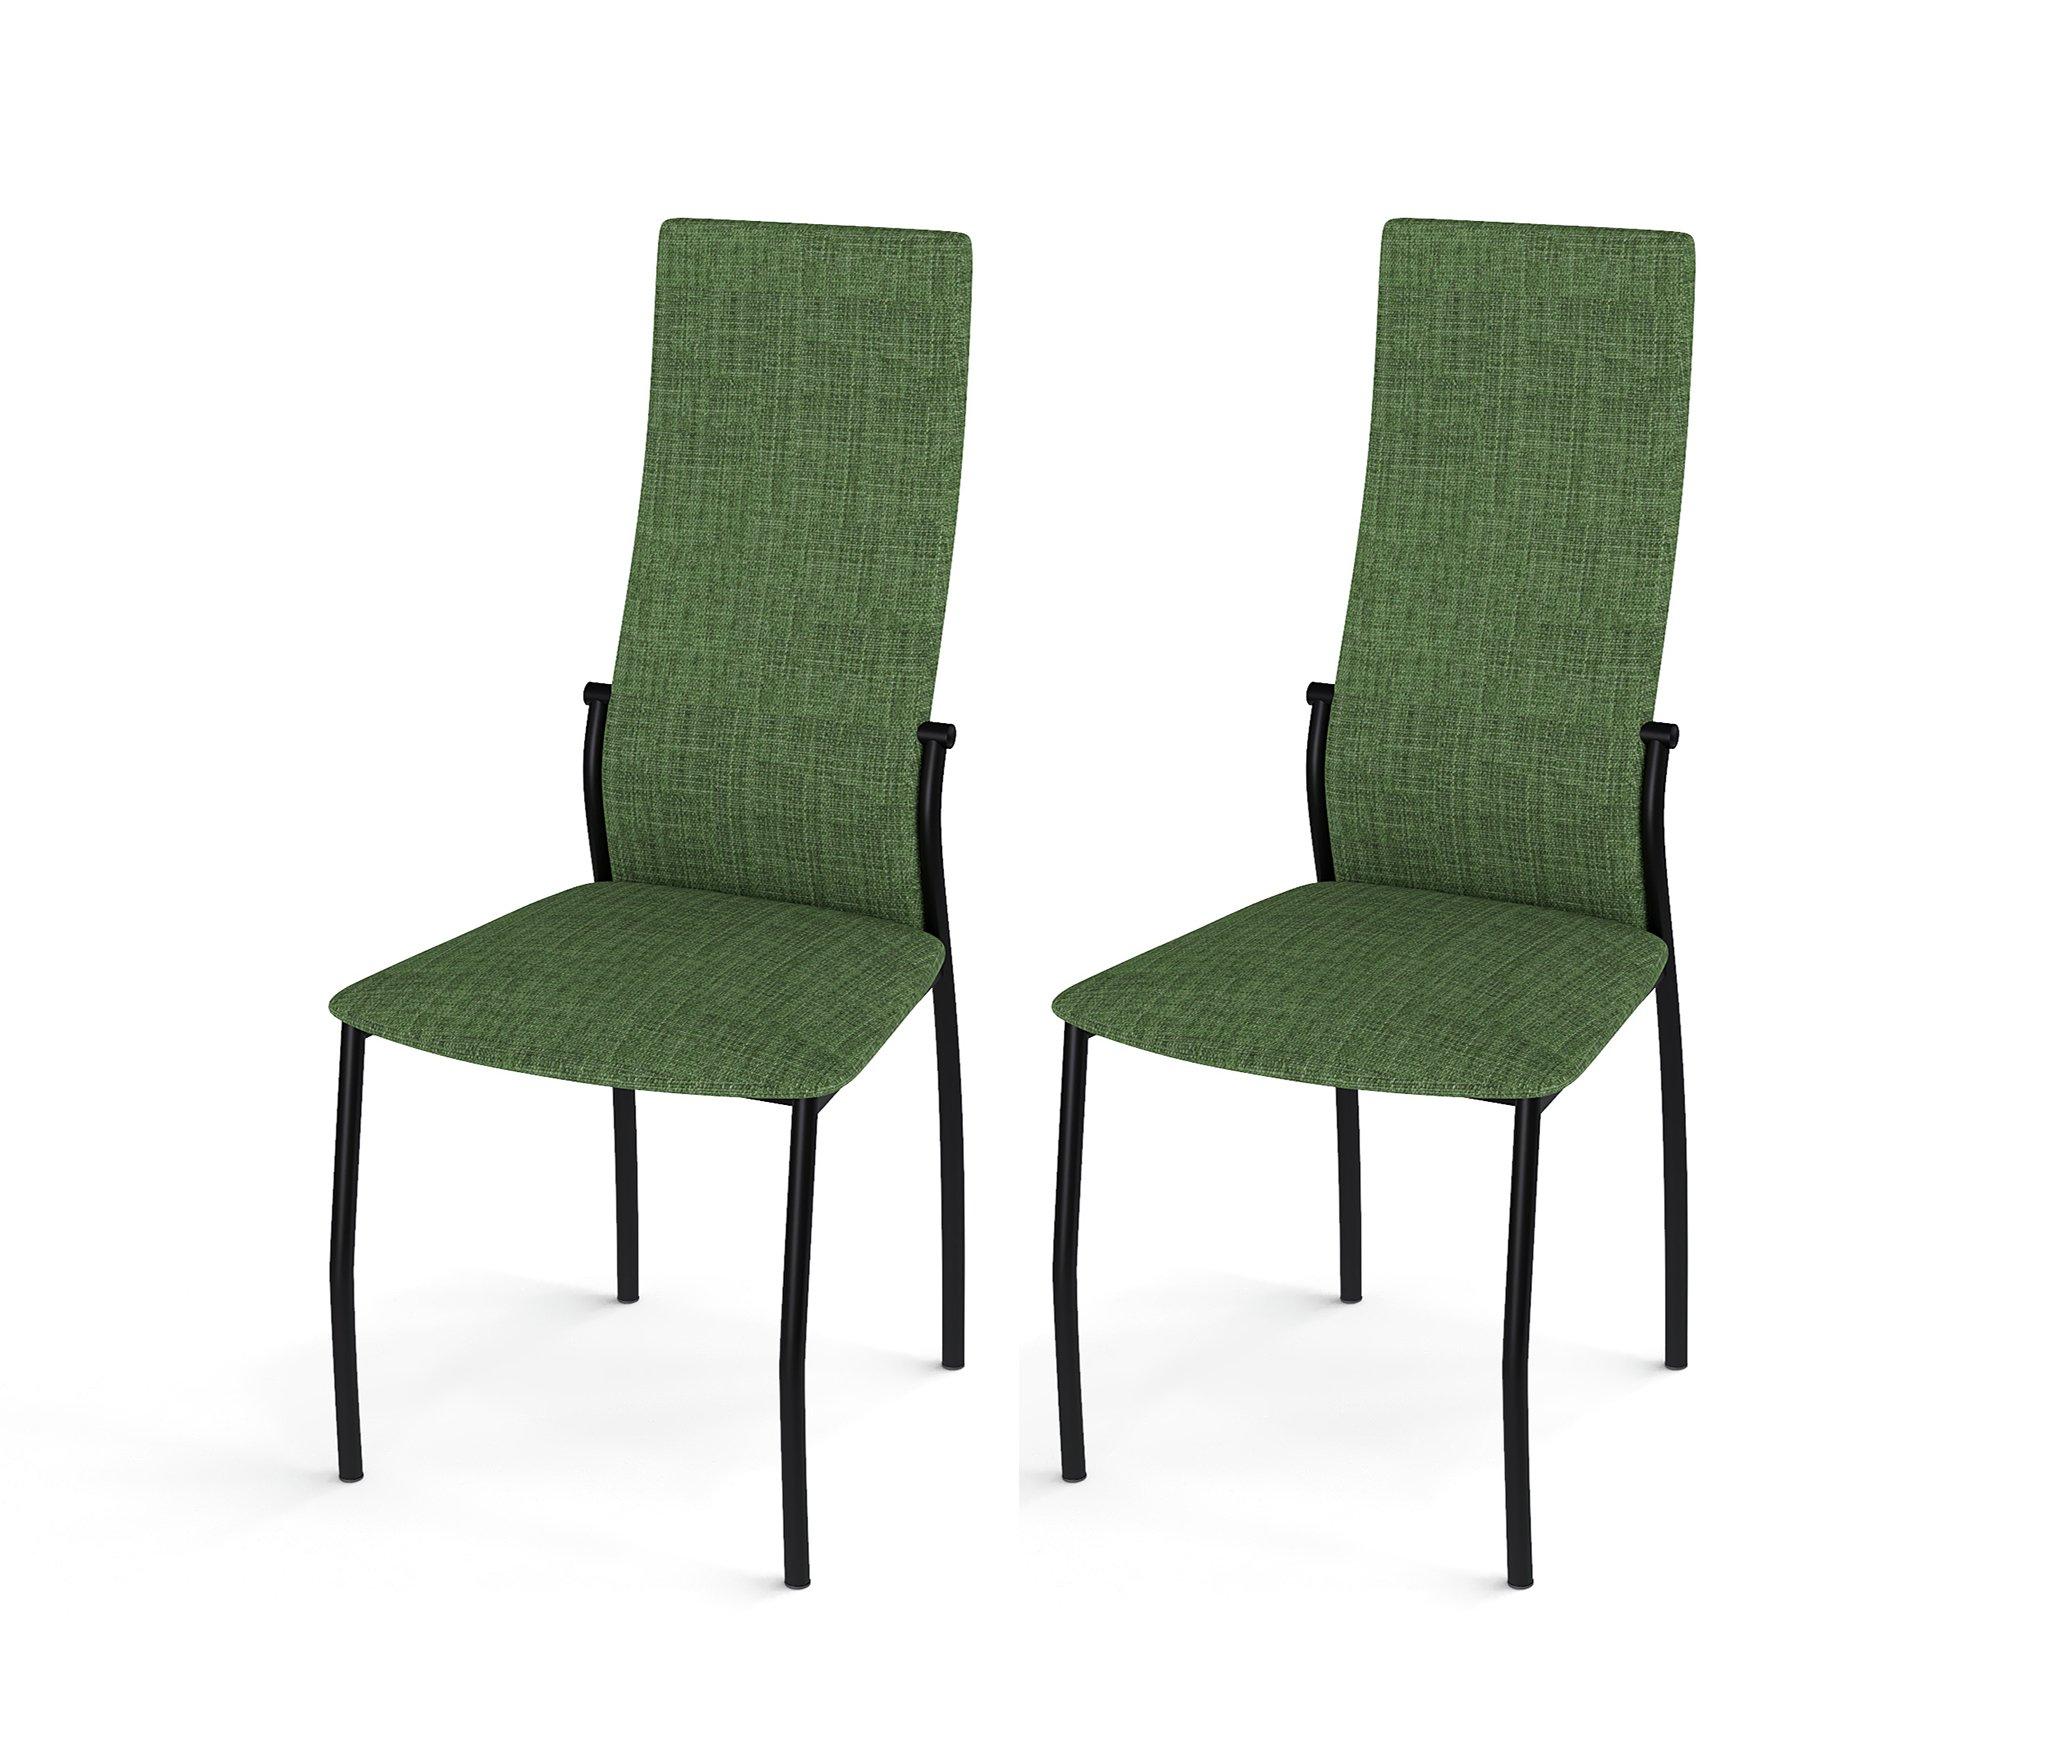 Стул Галс черный каркас, ткань №16 зеленый (в комплекте 2 шт.) недорого